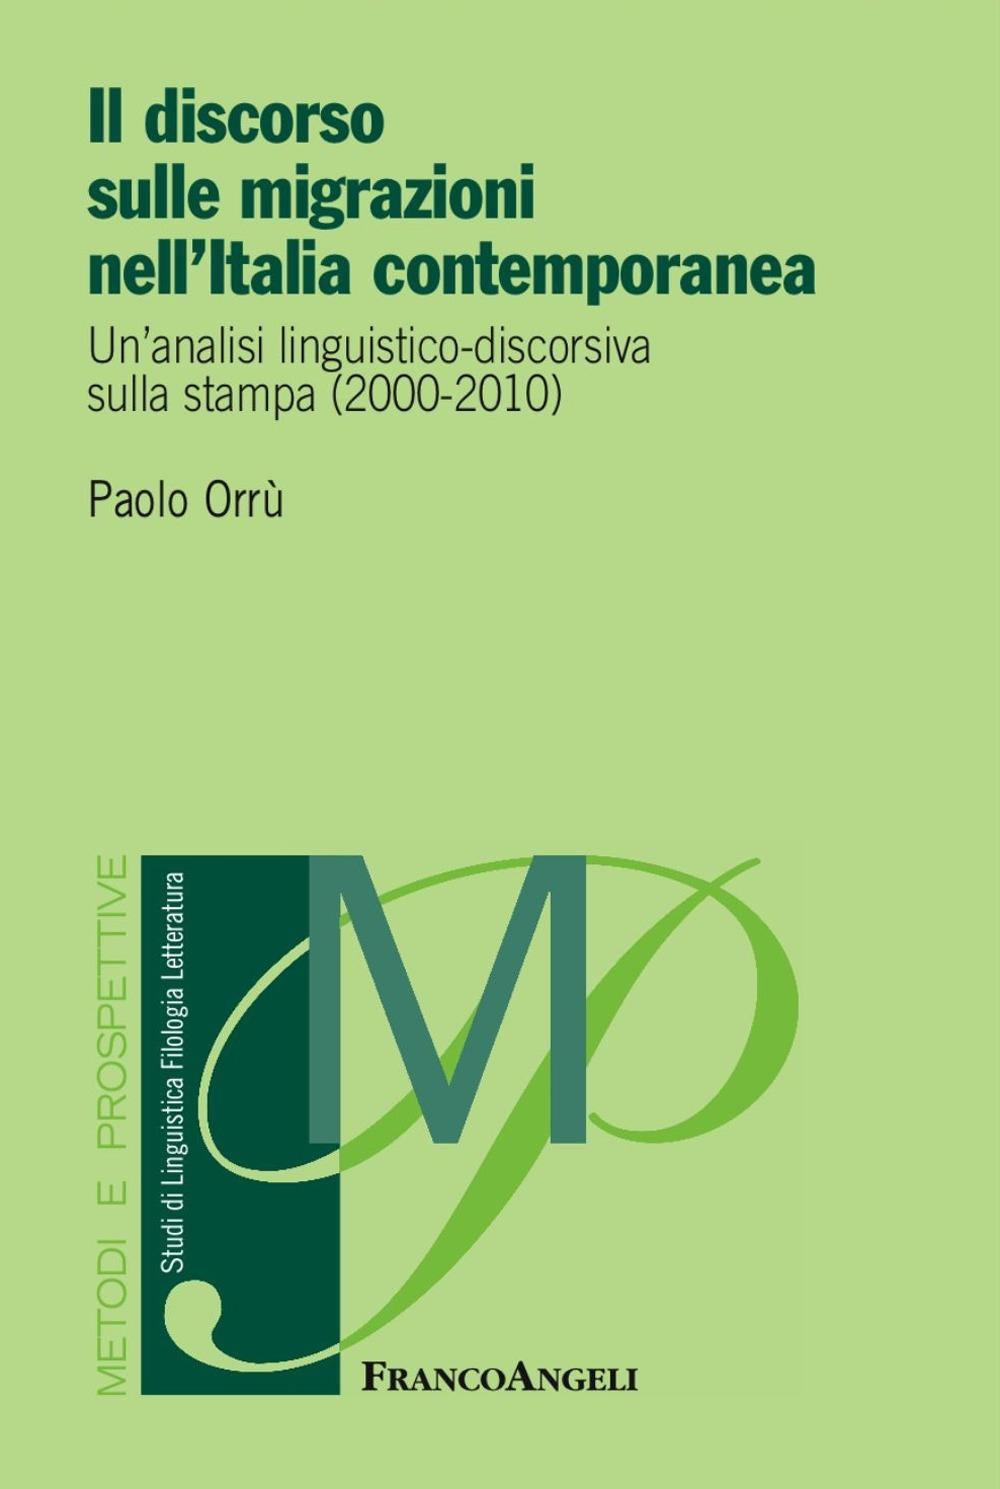 Il discorso sulle migrazioni nell'Italia contemporanea. Un'analisi linguistico-discorsiva sulla stampa (2000-2010)